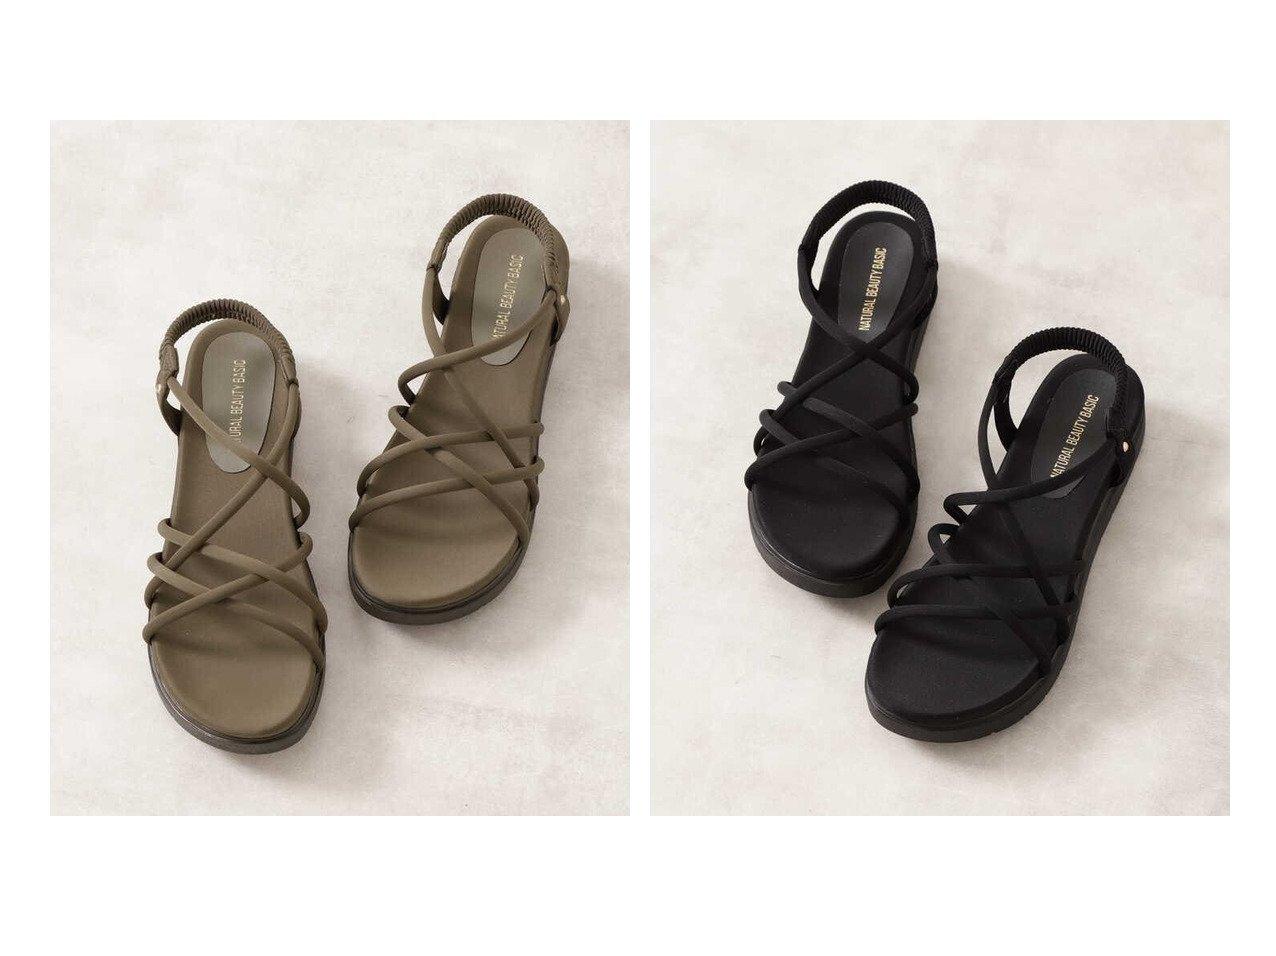 【NATURAL BEAUTY BASIC/ナチュラル ビューティー ベーシック】のスポンディッシュチューブサンダル 【シューズ・靴】おすすめ!人気、トレンド・レディースファッションの通販 おすすめで人気の流行・トレンド、ファッションの通販商品 メンズファッション・キッズファッション・インテリア・家具・レディースファッション・服の通販 founy(ファニー) https://founy.com/ ファッション Fashion レディースファッション WOMEN インソール サンダル チューブ ラップ |ID:crp329100000035493